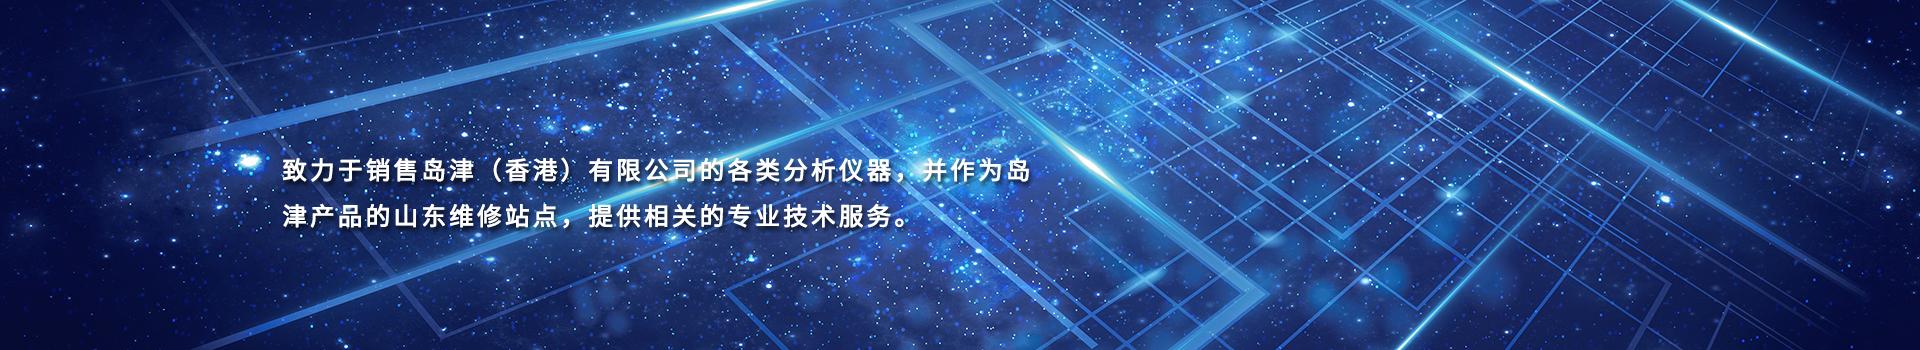 济南汇海龙盛科技有限公司